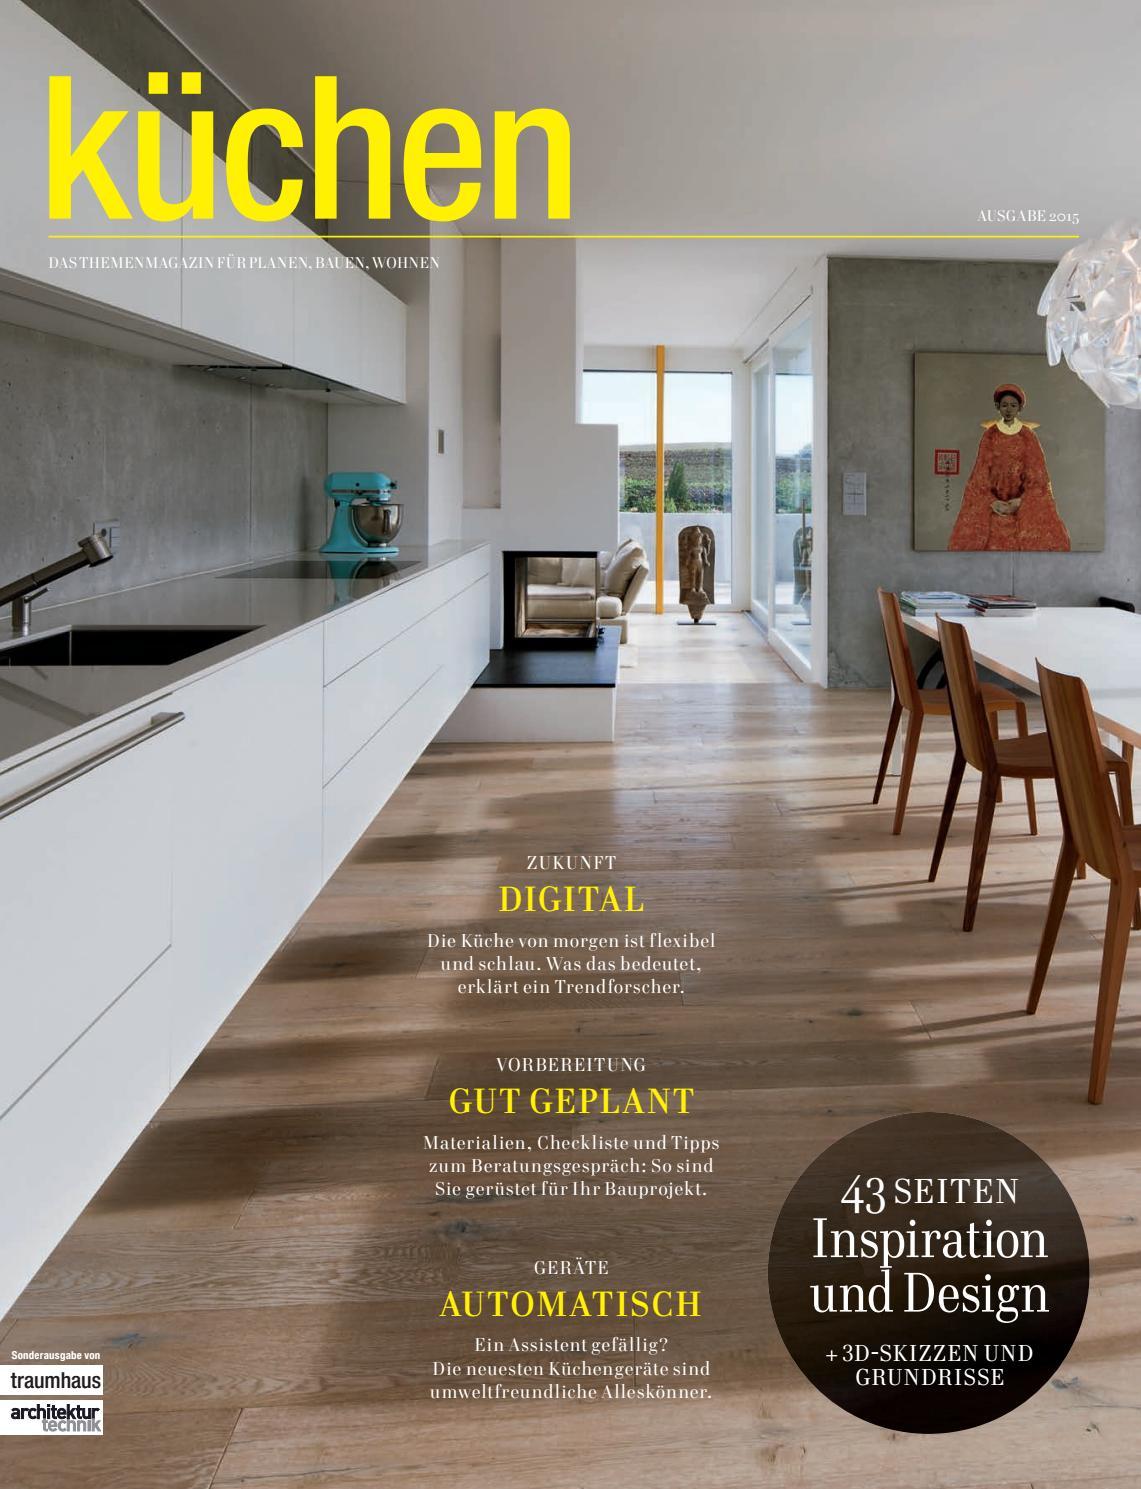 Küche architektur 2/2014 by fachschriften verlag   issuu